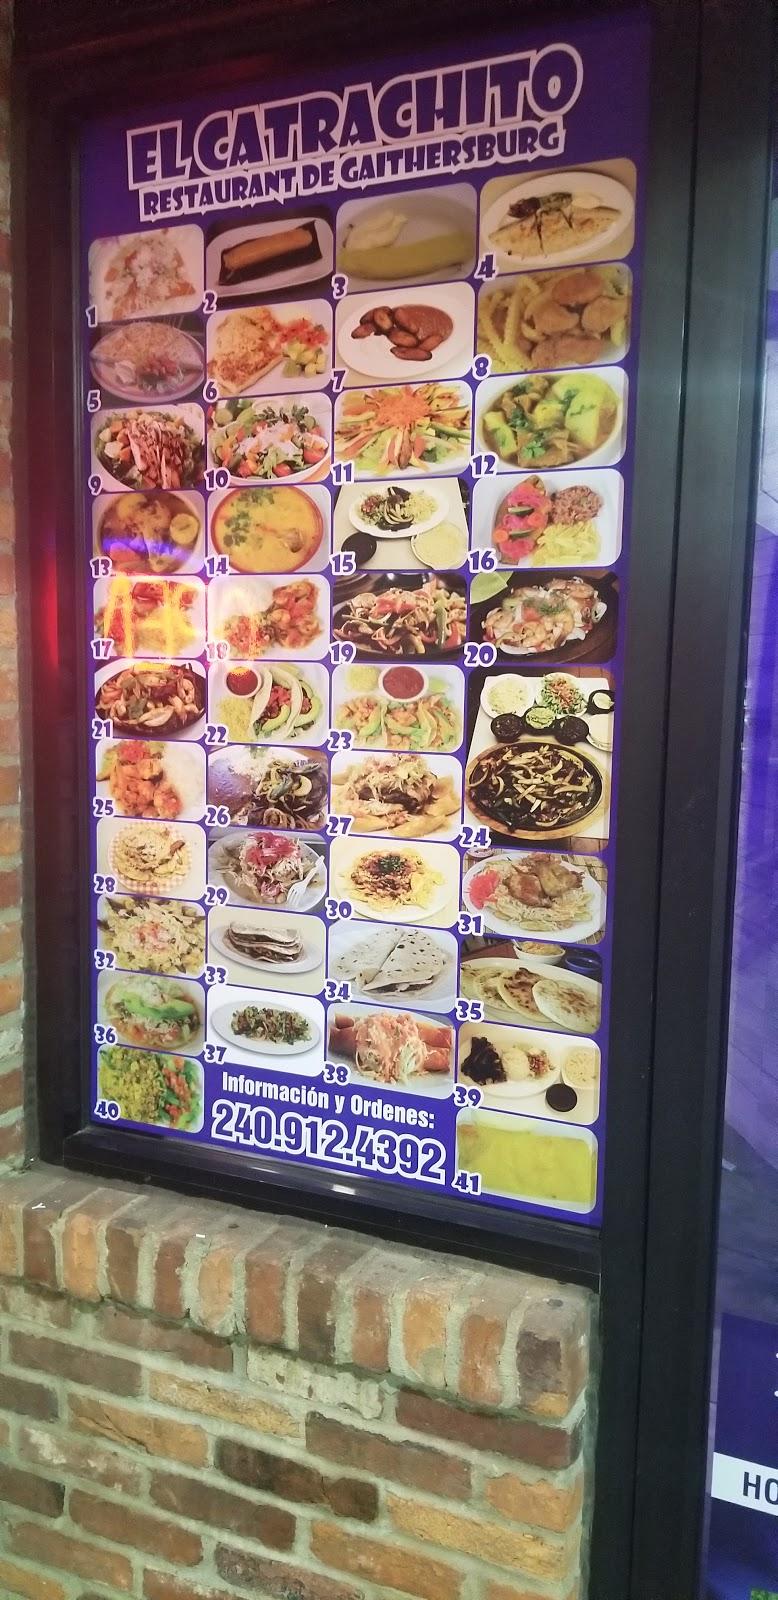 El Catrachito de Gaithersburg | restaurant | 211 N Frederick Ave, Gaithersburg, MD 20877, USA | 2409124392 OR +1 240-912-4392